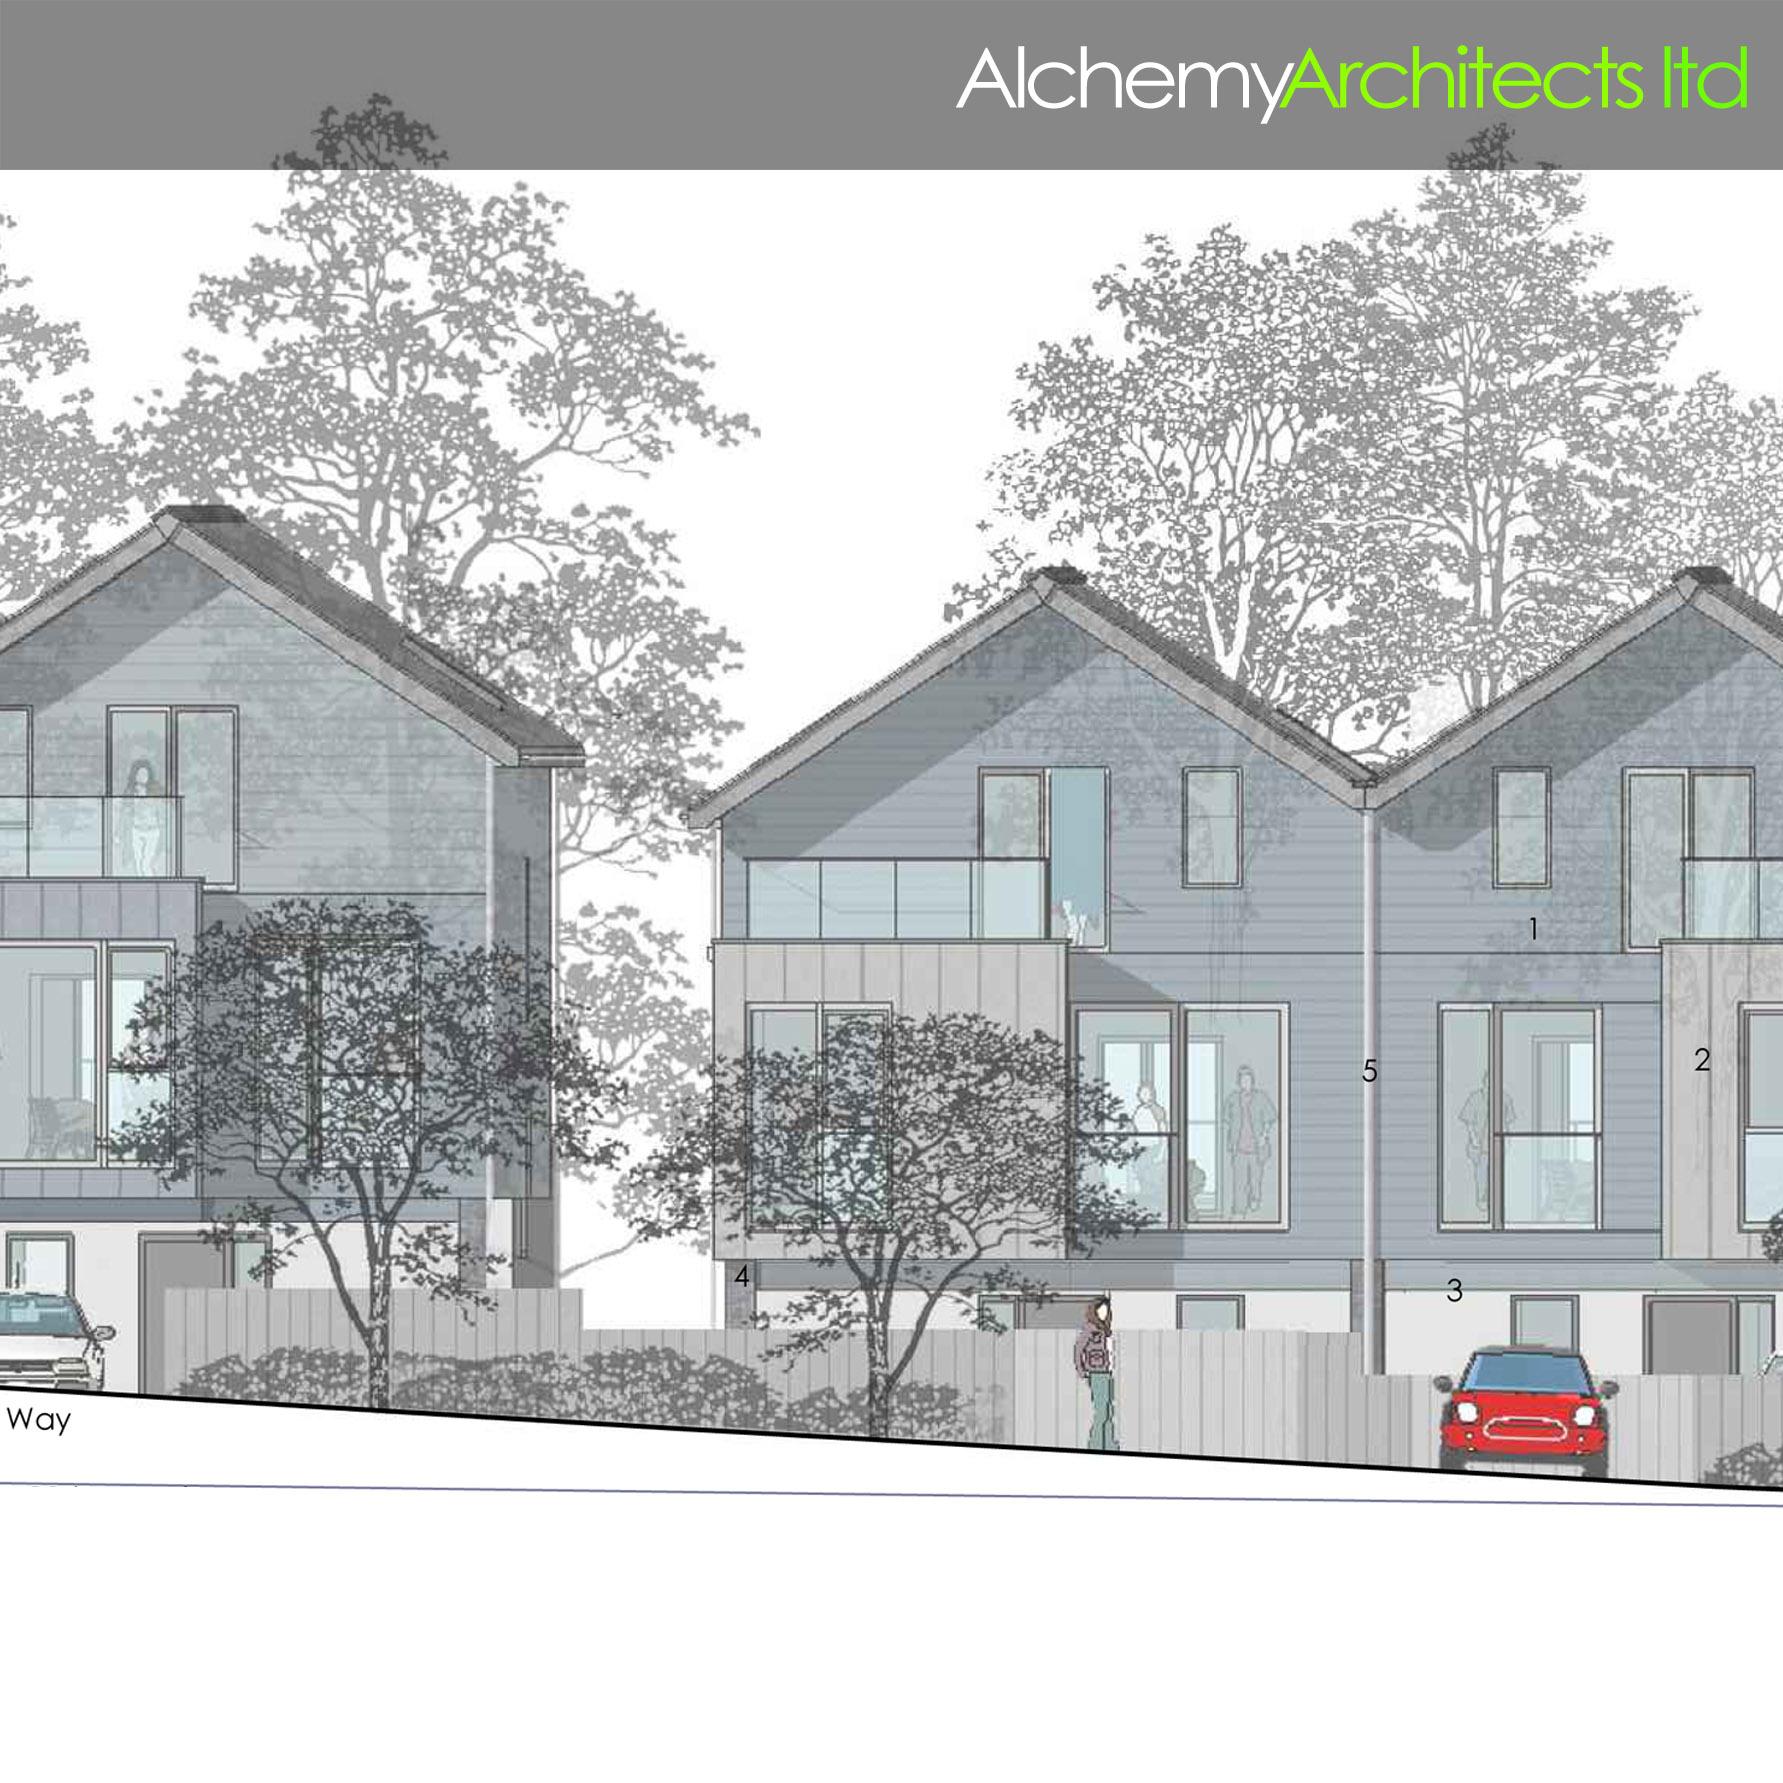 alchemyarchitects ltd shanklin isle of wight terrace housing.jpg